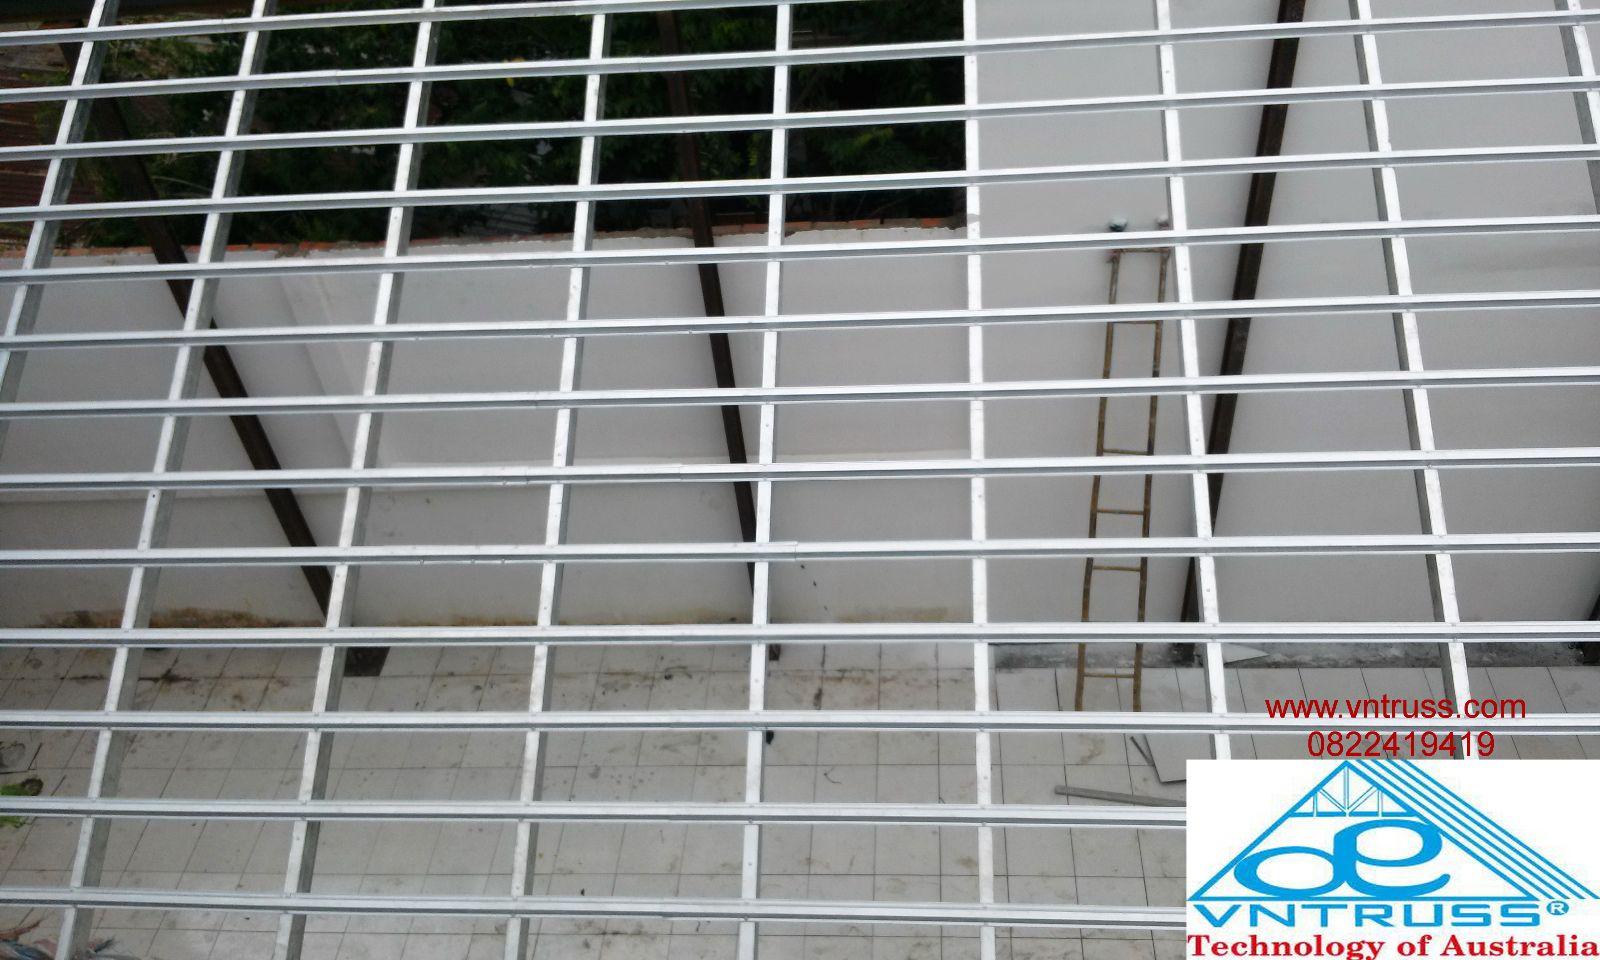 thi công khung kèo  thép mạ siêu nhẹ chống rỉ vntruss cho kết cấu mái nhà lợp ngói